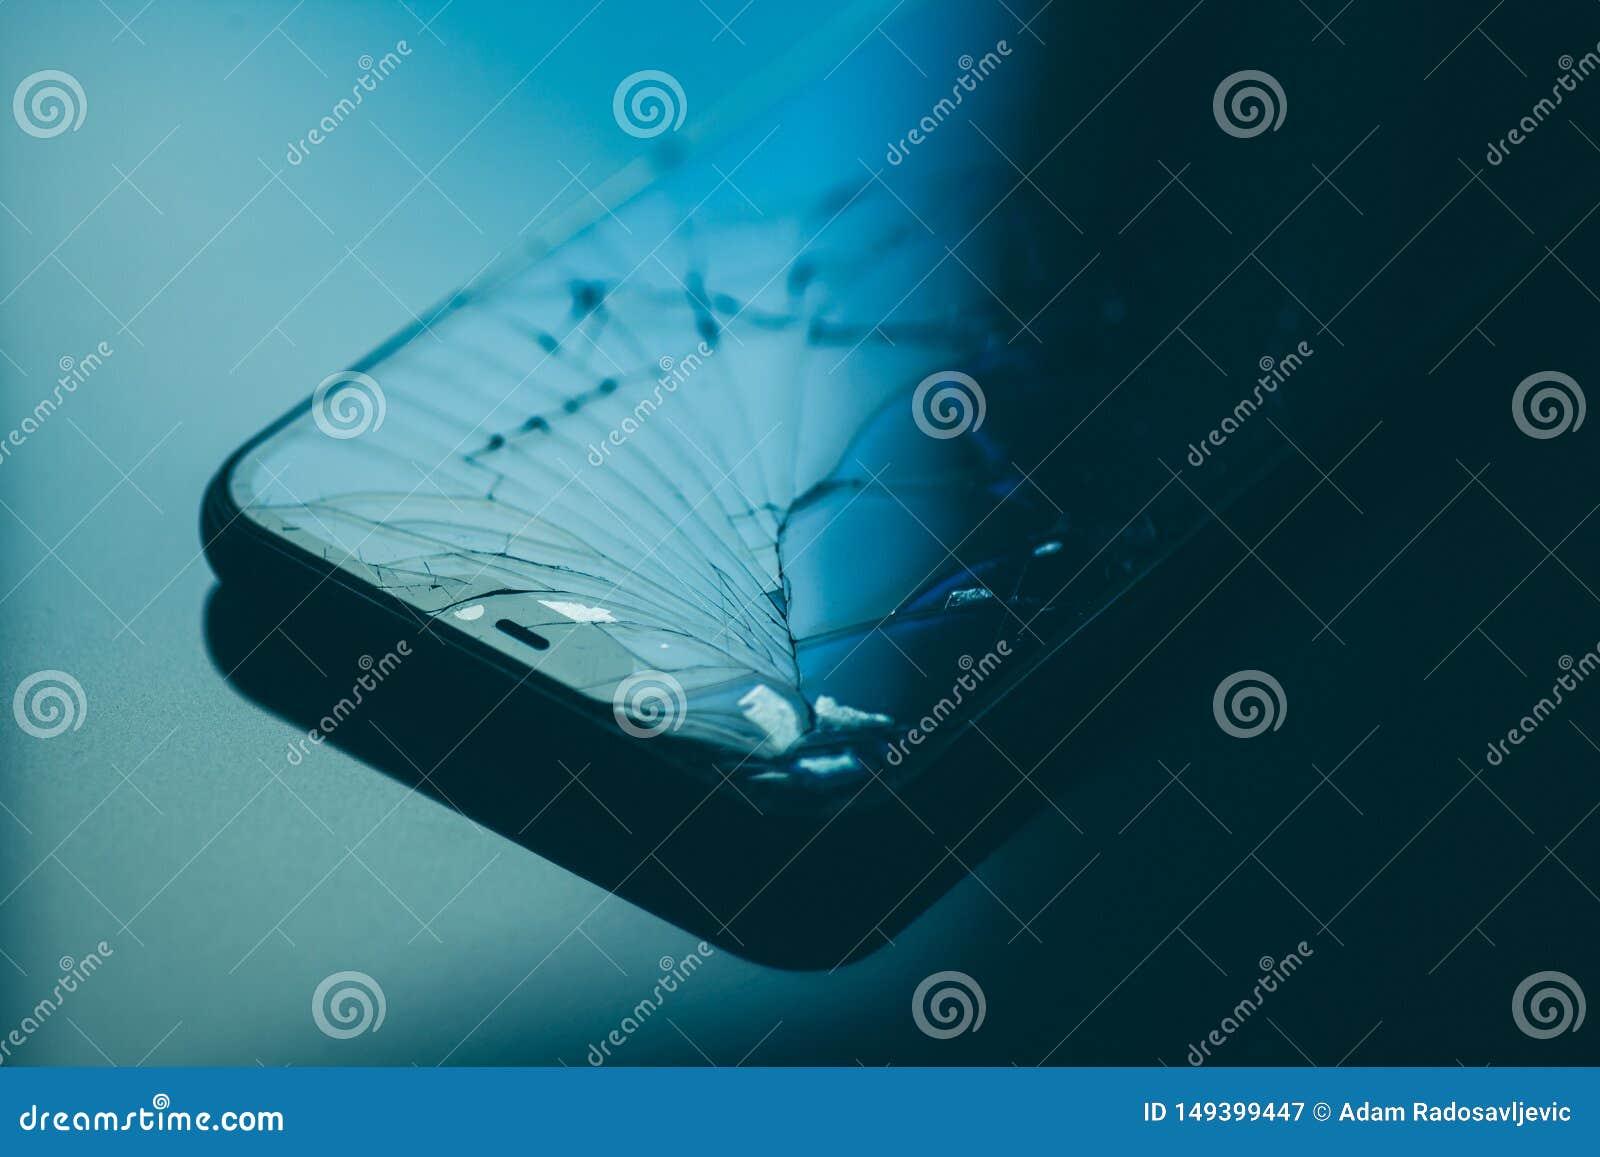 Smartphone with broken screen on black desktop